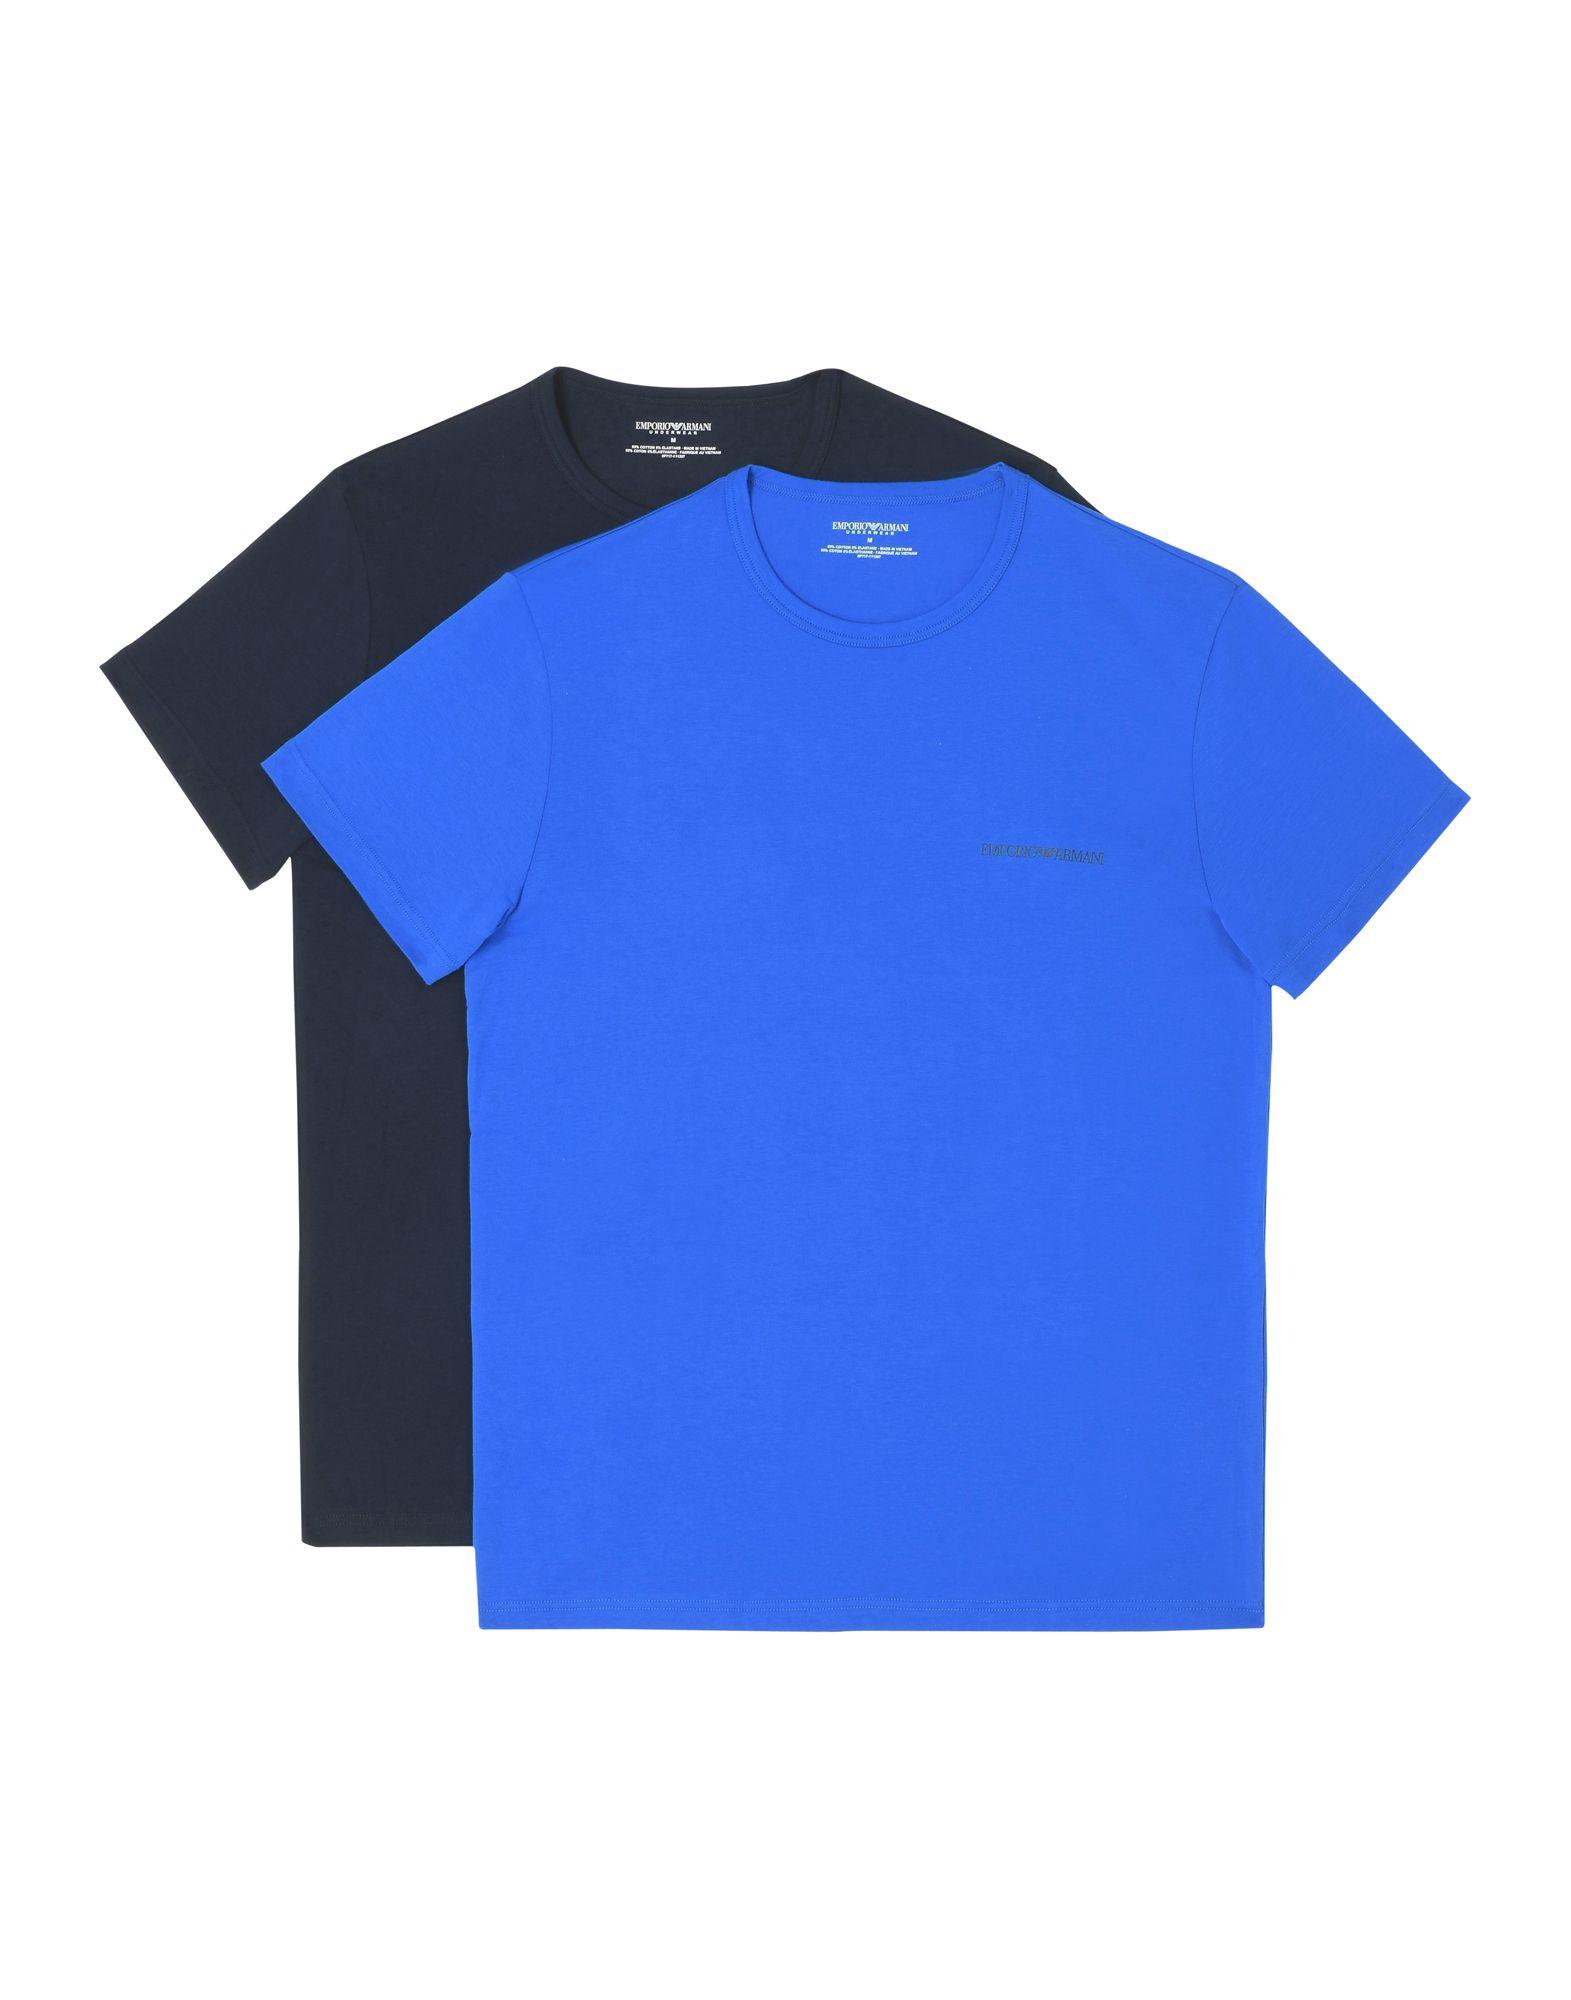 《セール開催中》EMPORIO ARMANI メンズ アンダーTシャツ ブライトブルー S コットン 95% / ポリウレタン 5% MEN'S KNIT 2-PACK T-